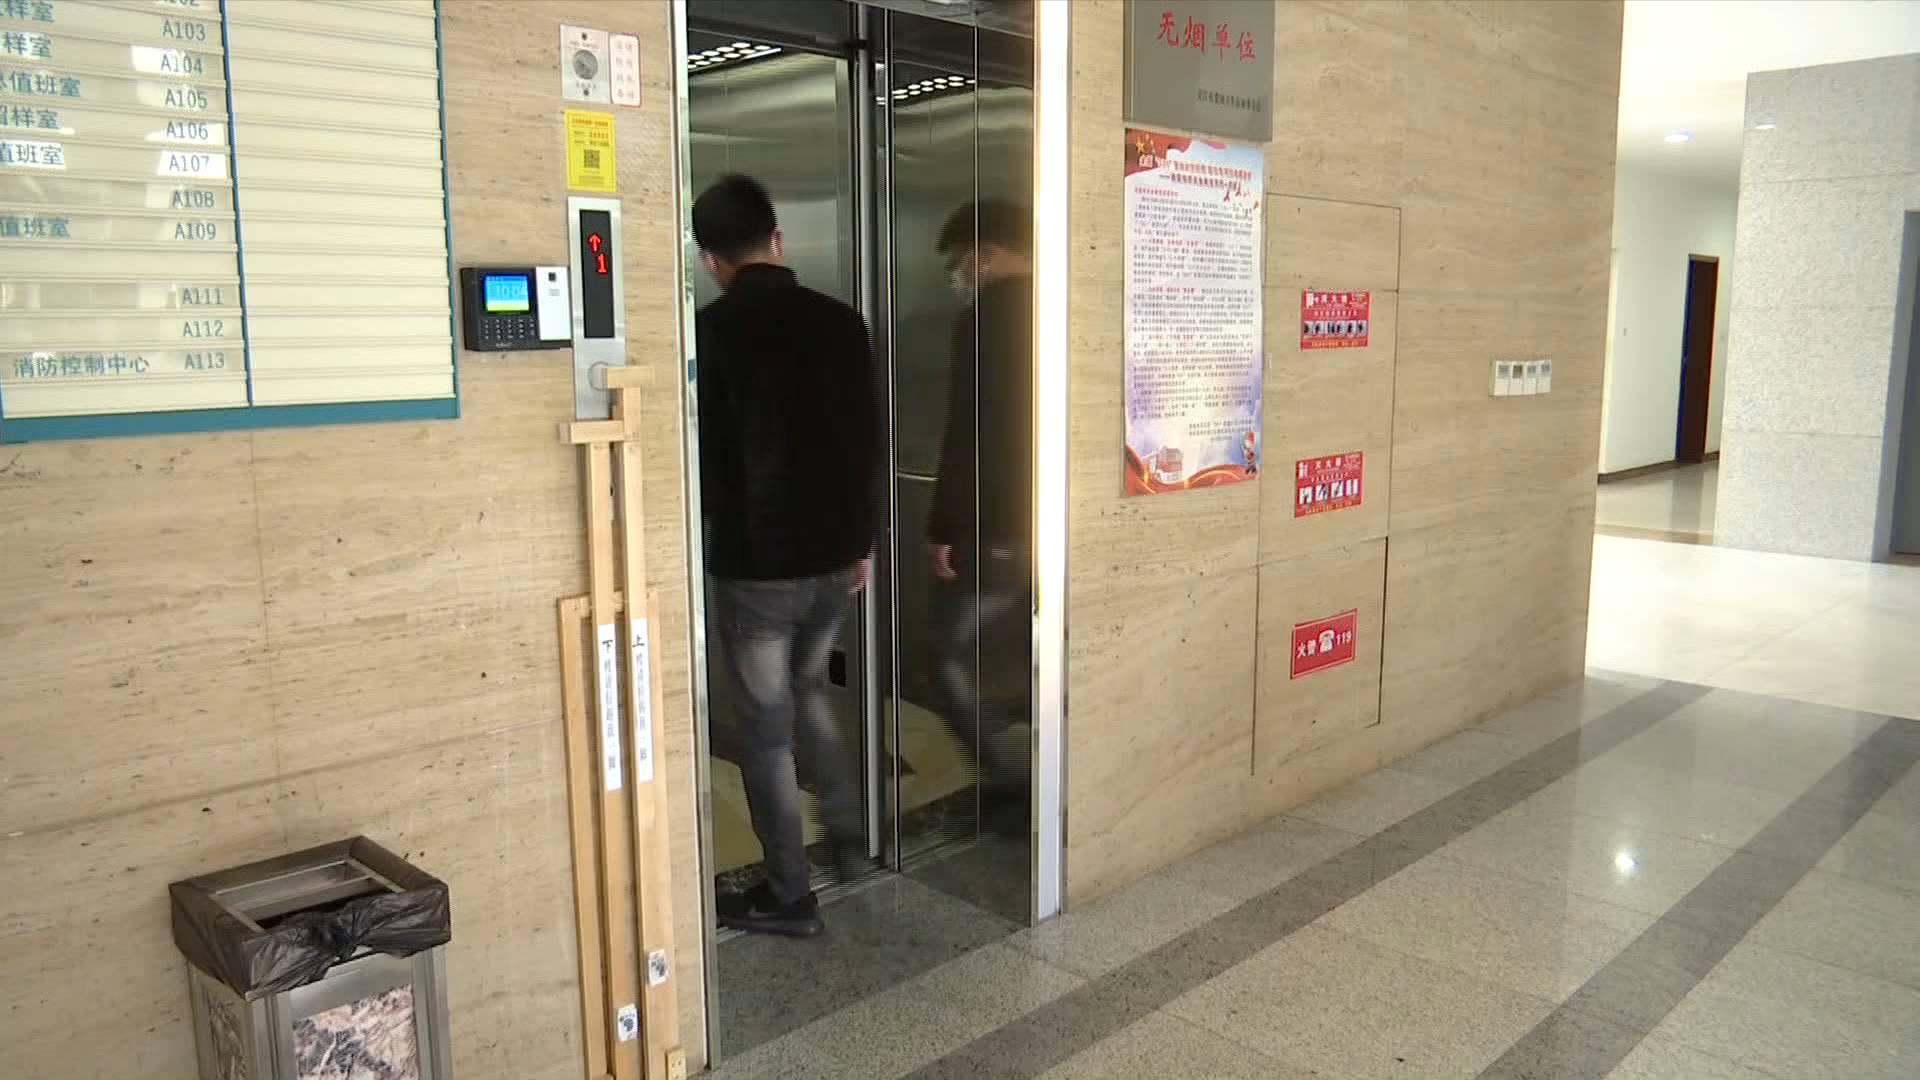 《应急在线》20210117:电梯急坠23层 女子教科书式自救获网友称赞